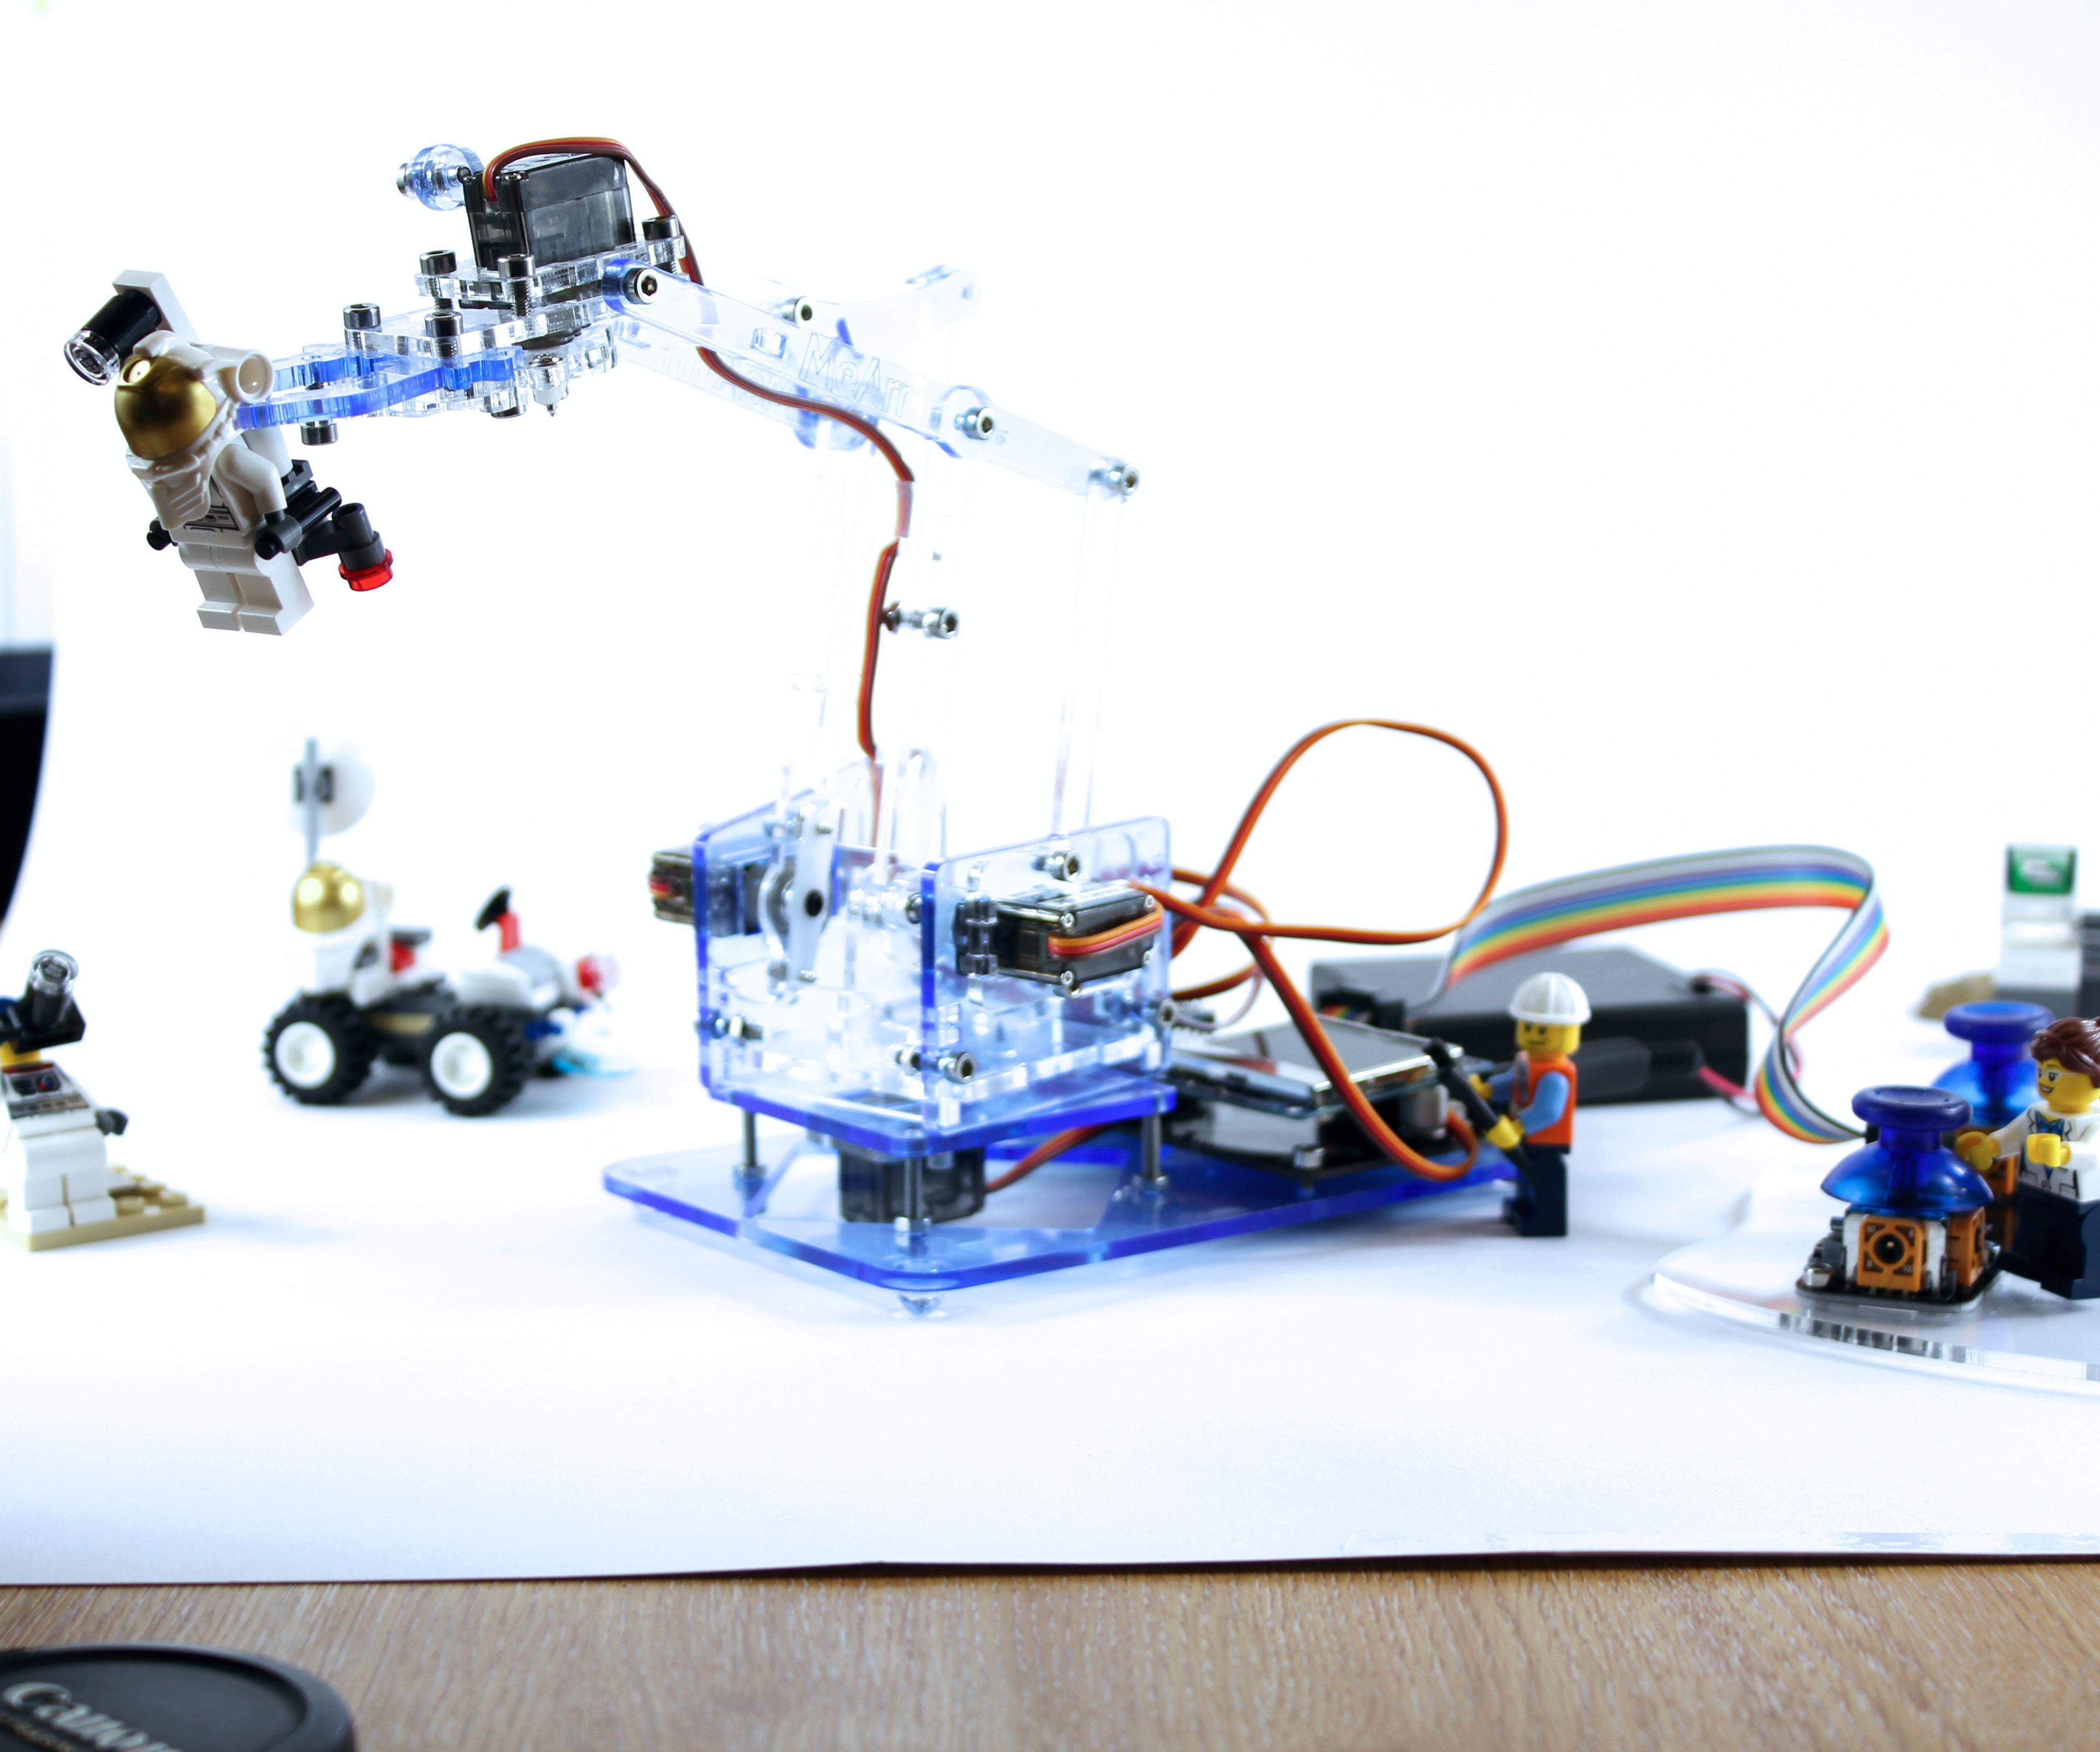 MeArm V1.1 - Tiny Open Source Robot Arm